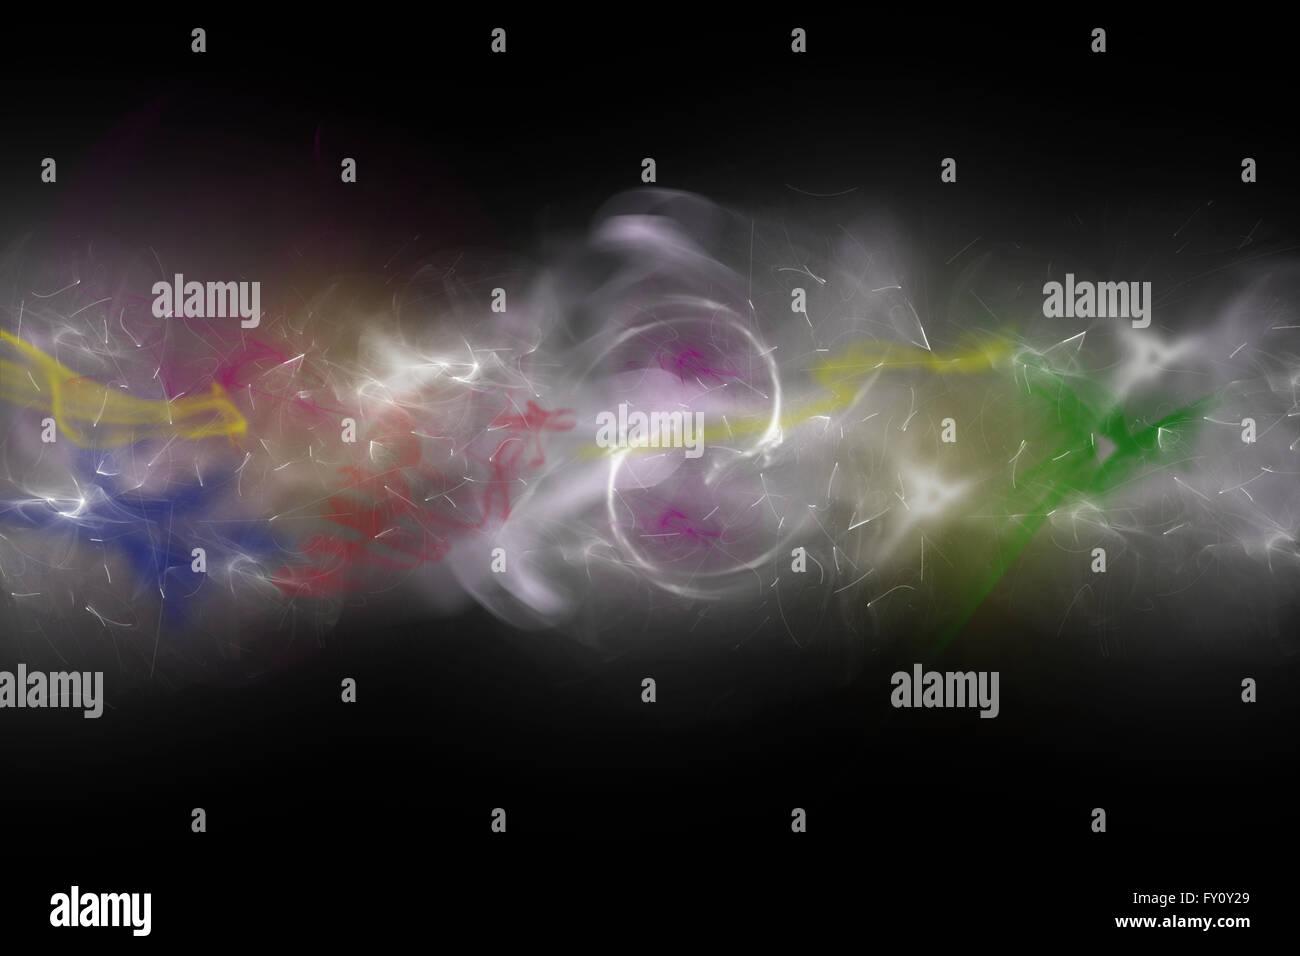 Hintergrund bestehend aus farbigen Rauch unkonzentriert und Lichter auf dem schwarzen Hintergrund. Stockbild